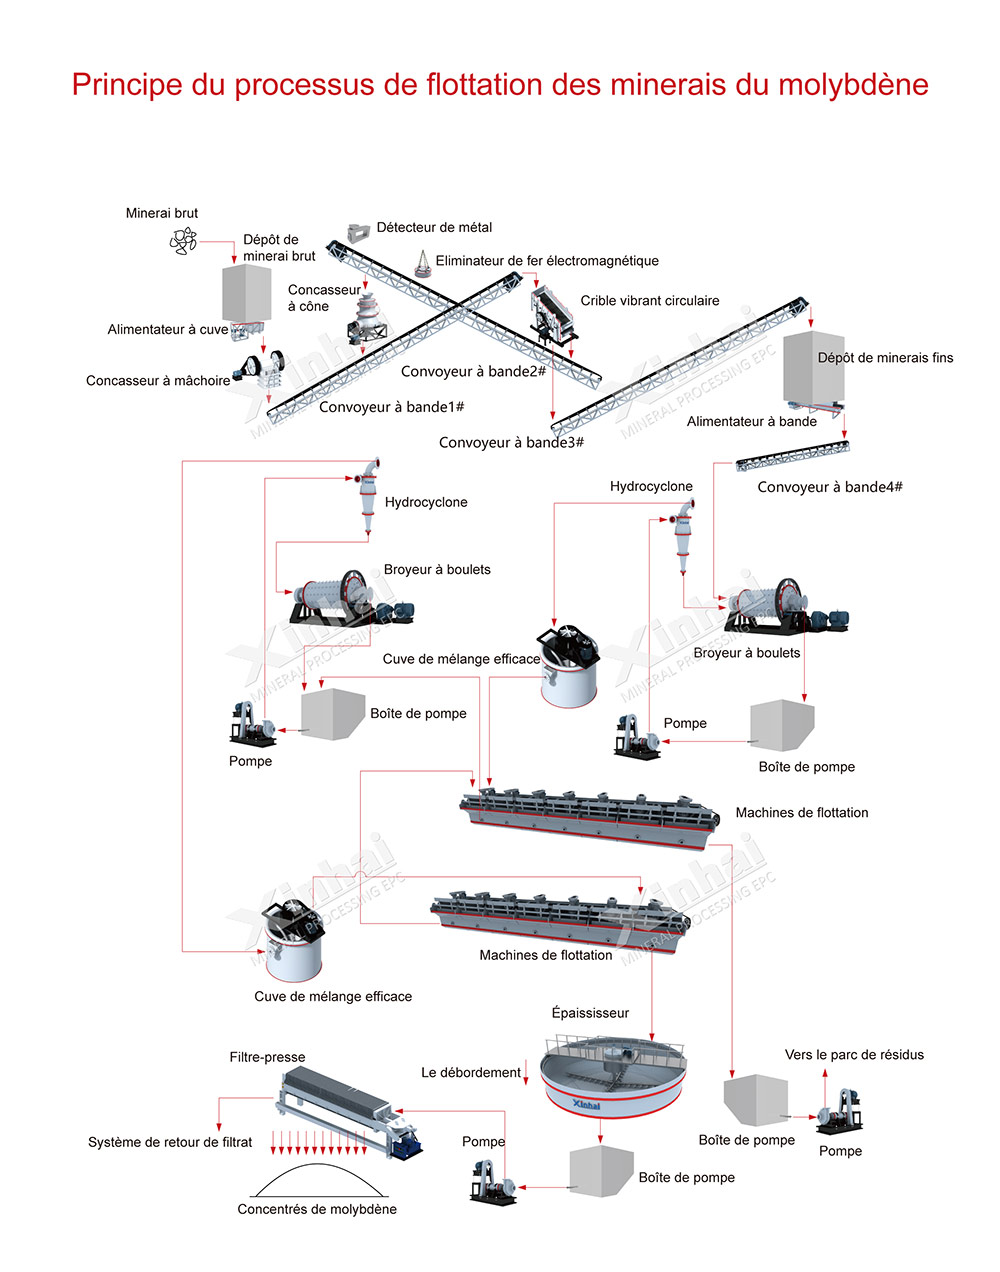 Processo de tratamento de minério de molibdênio